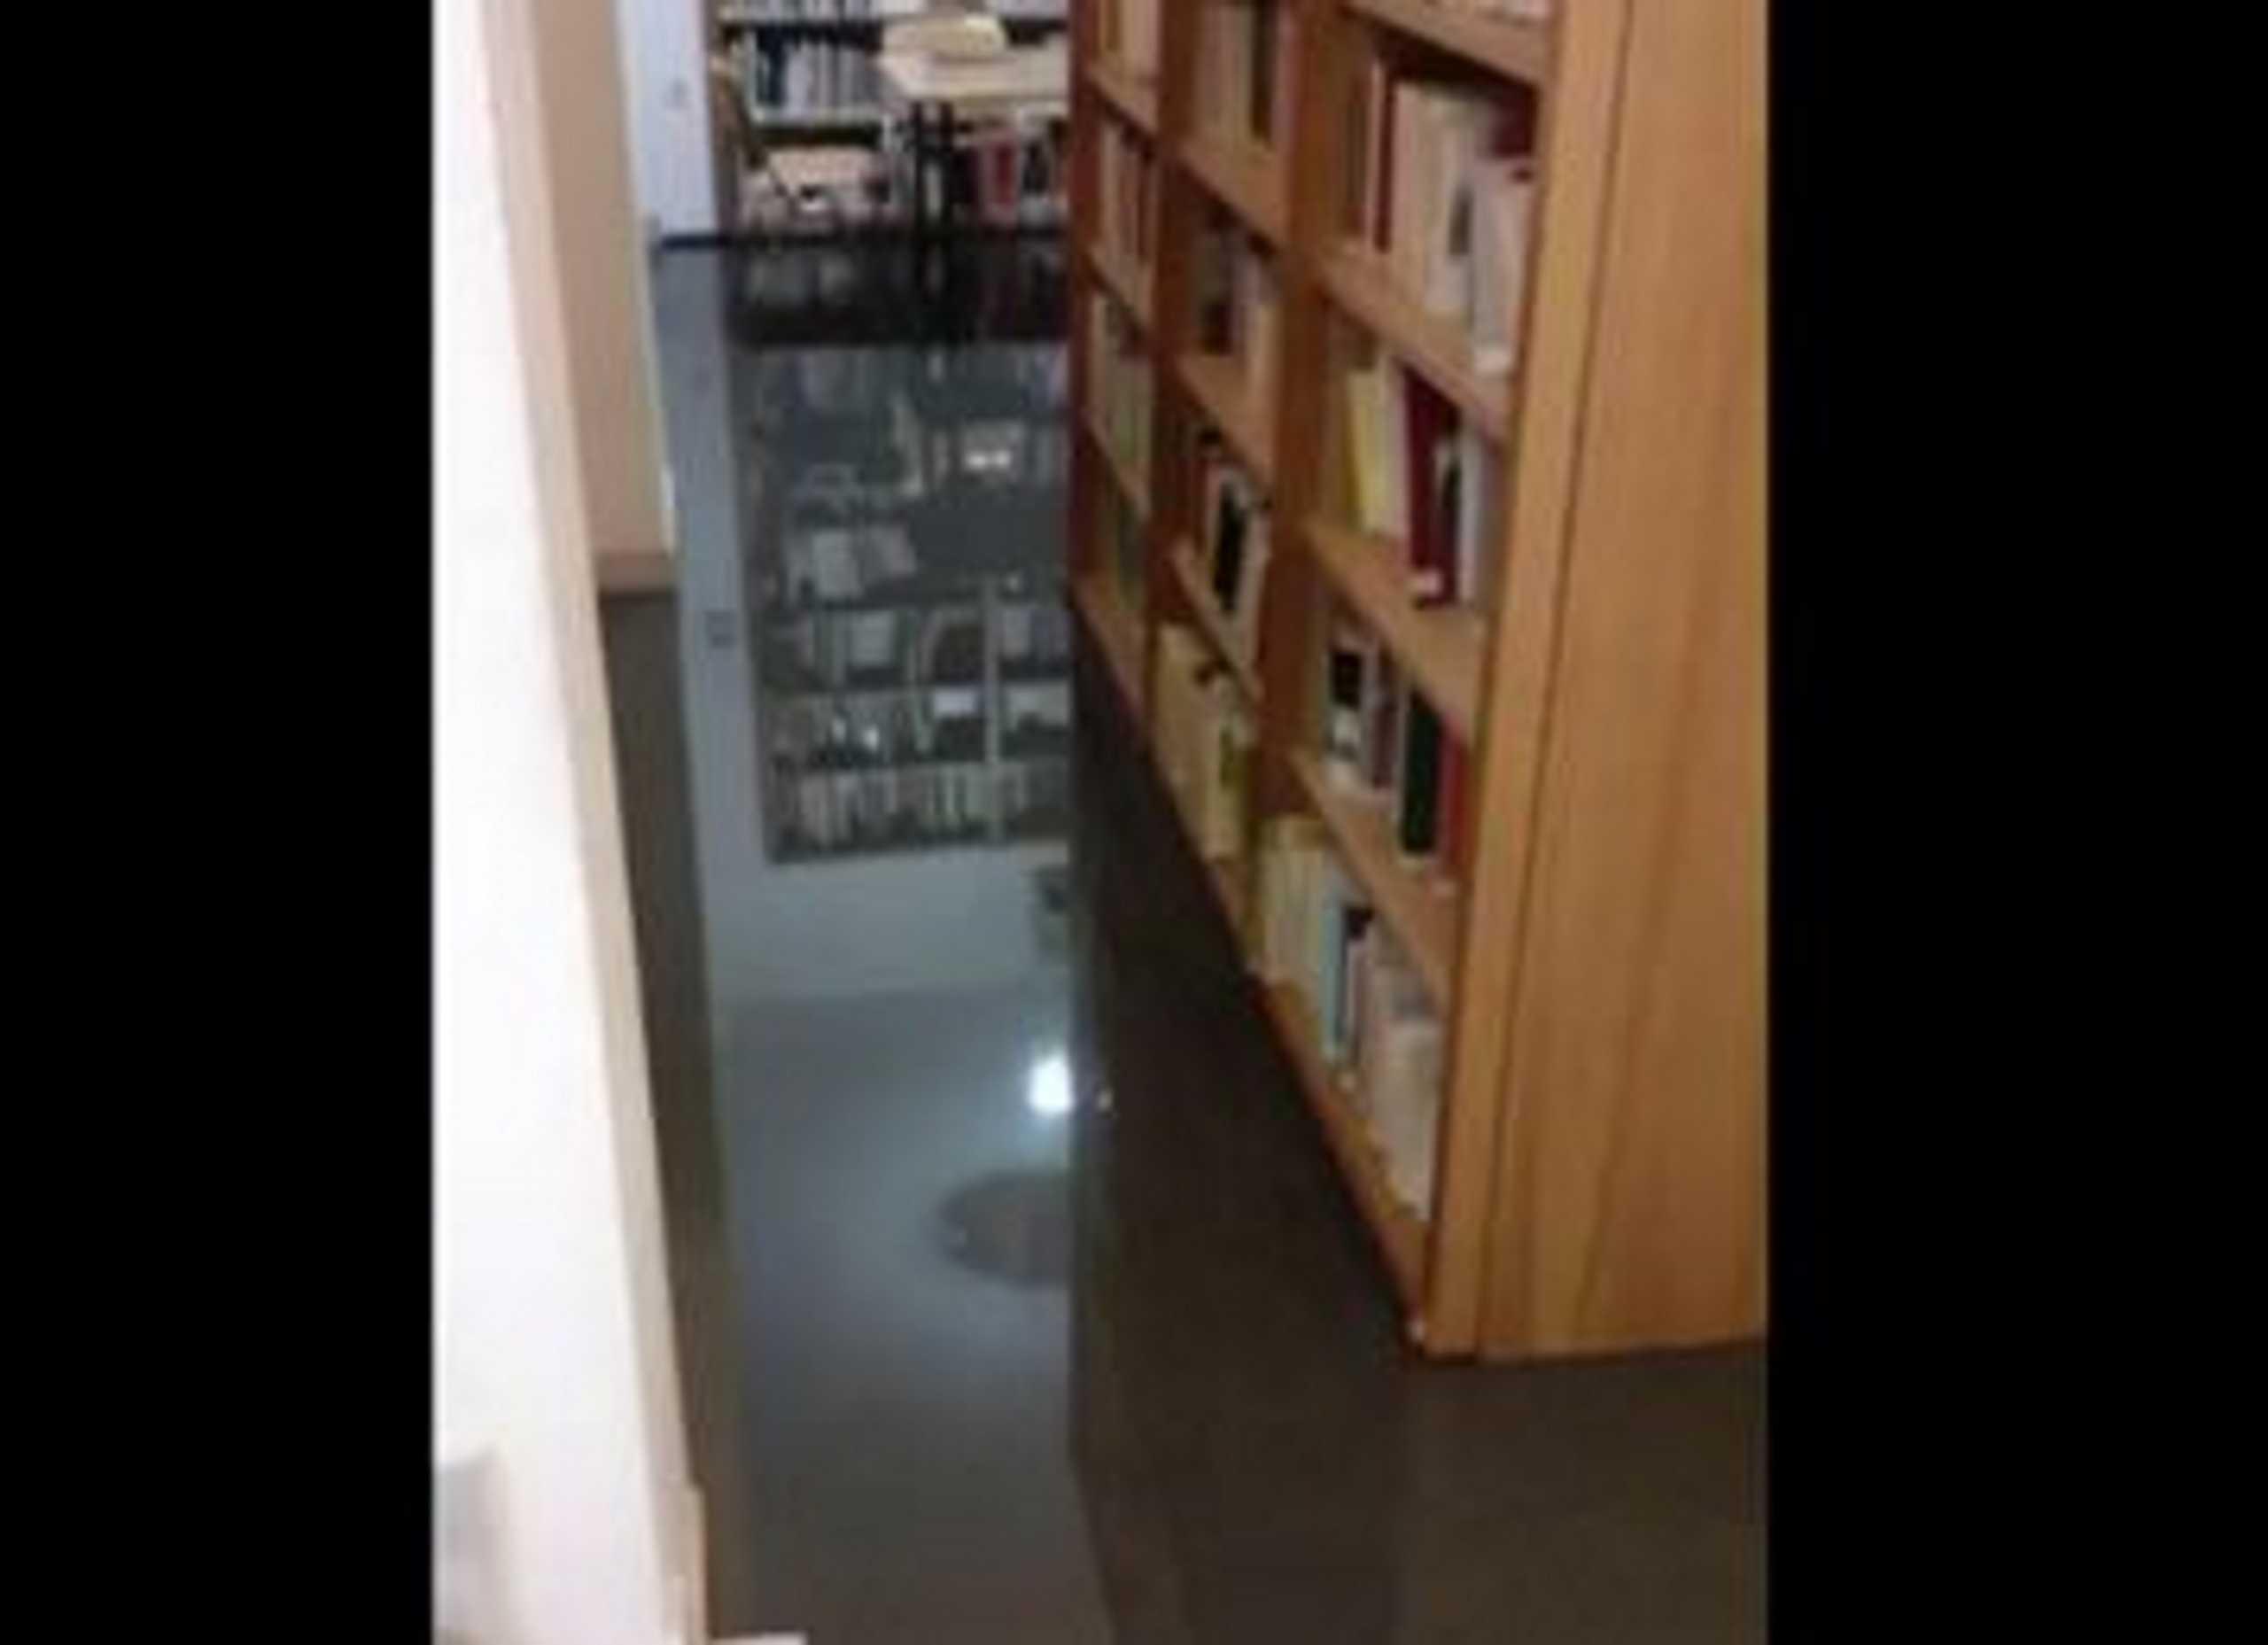 Κακοκαιρία «Μπάλλος»: Πλημμύρισε η βιβλιοθήκη στο Πάντειο Πανεπιστήμιο – Έσταζαν νερά τα ταβάνια στις αίθουσες